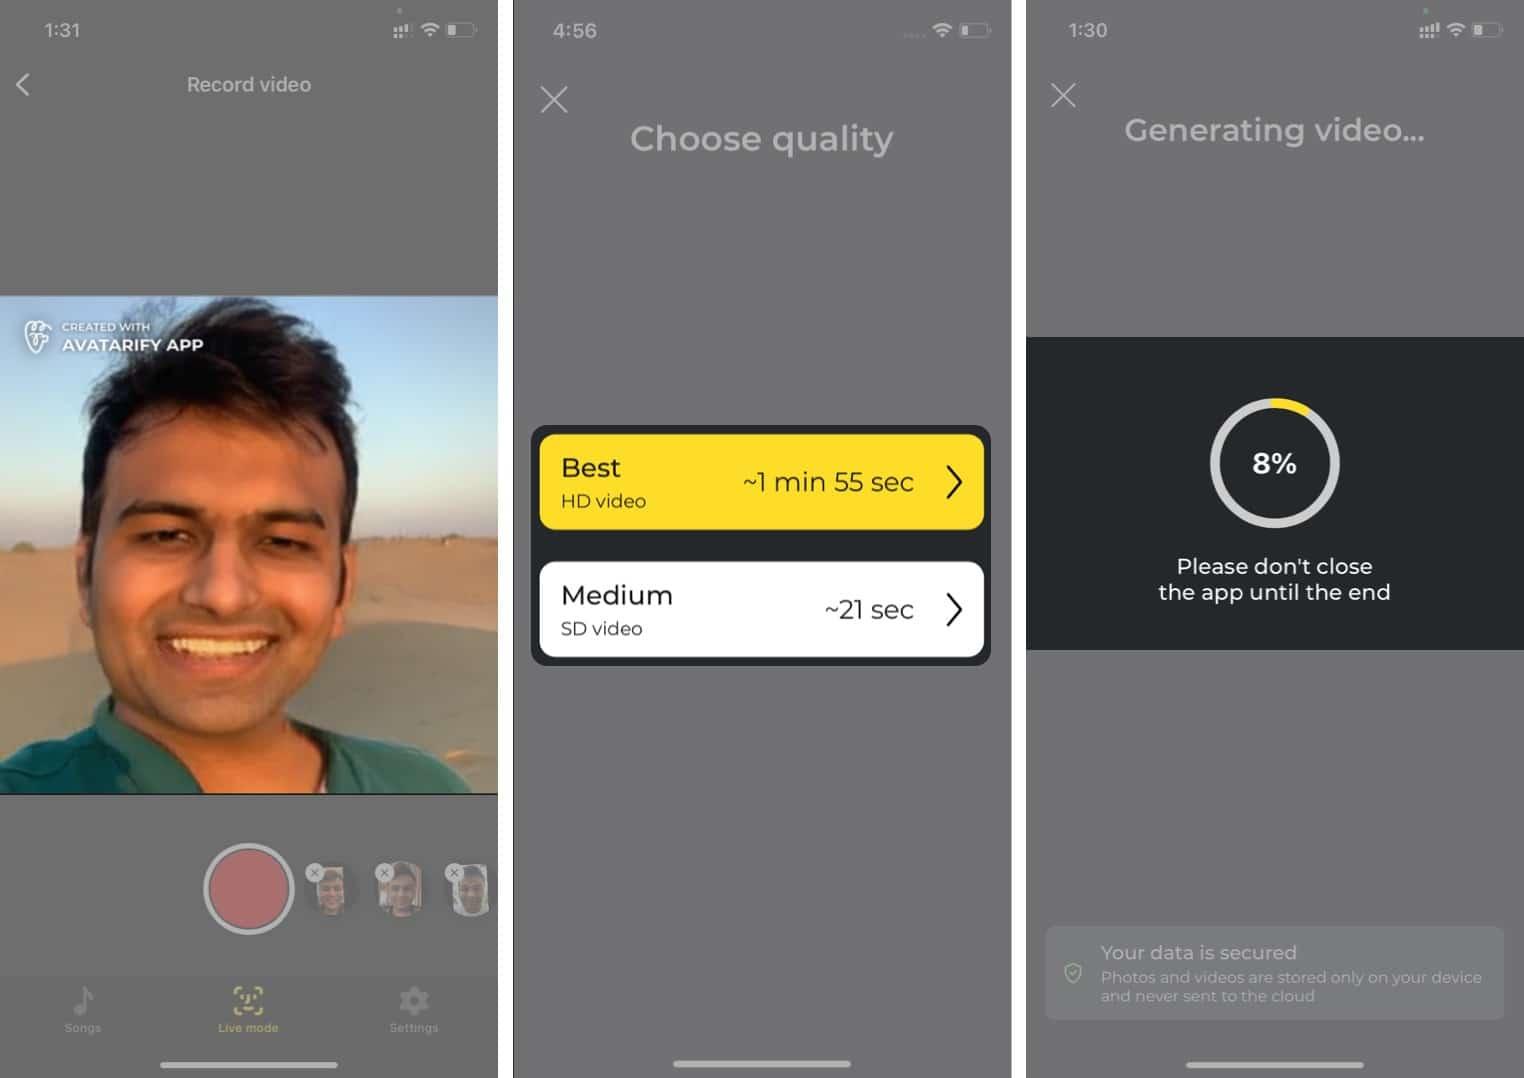 Wählen Sie die Videoqualität und speichern Sie das Video auf dem iPhone